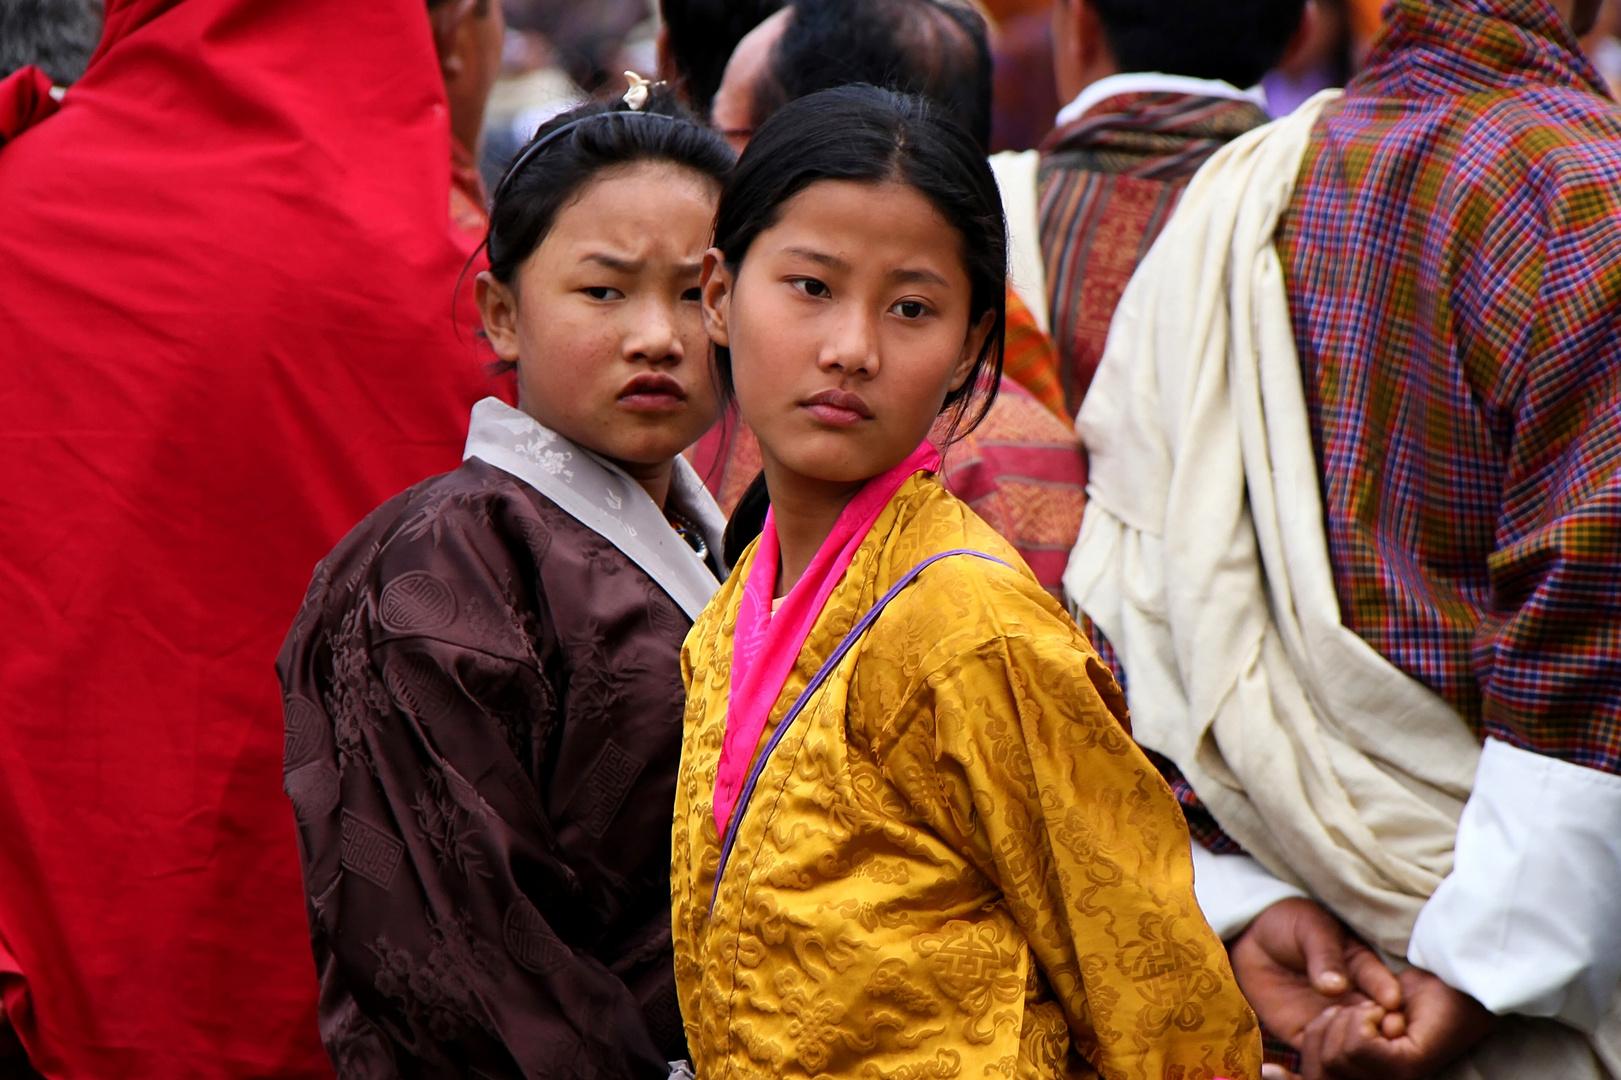 Mädchen bei Klosterfest in Bhutan